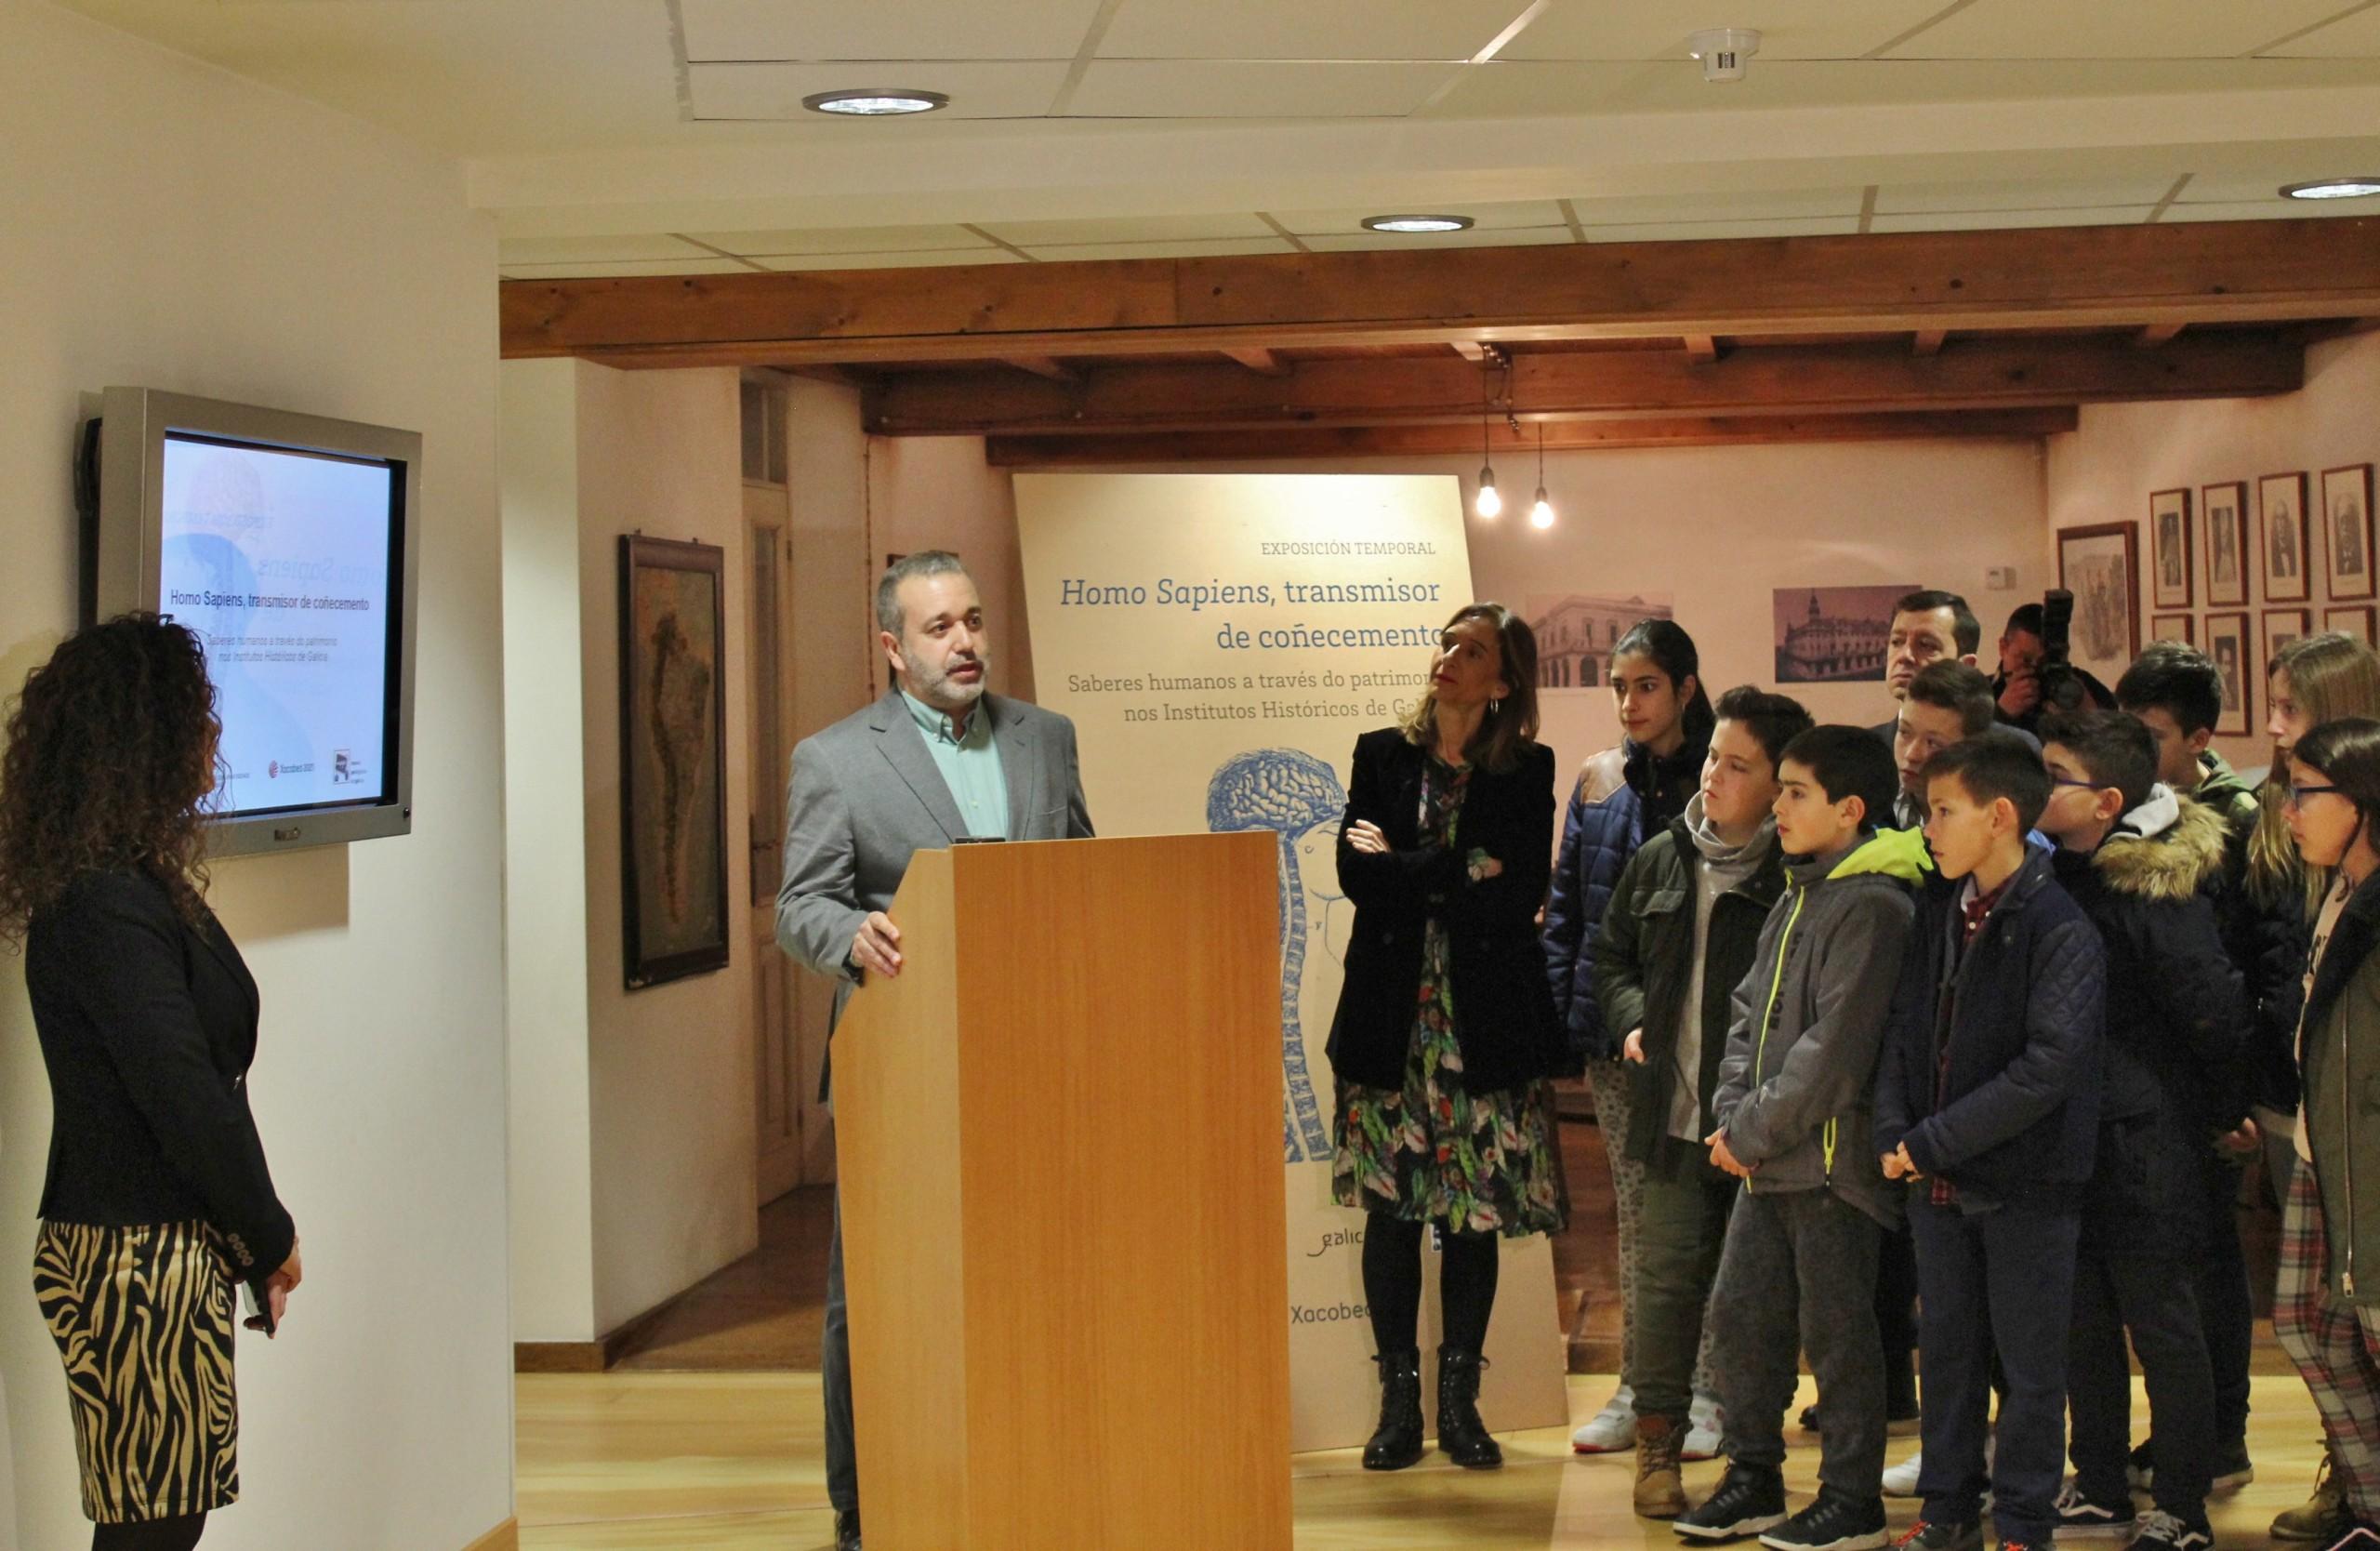 O comisario da exposición, Antonio Cepeda, acompañado da conselleira de Educación, da directora do museo e dun grupo de alumnos e alumnas